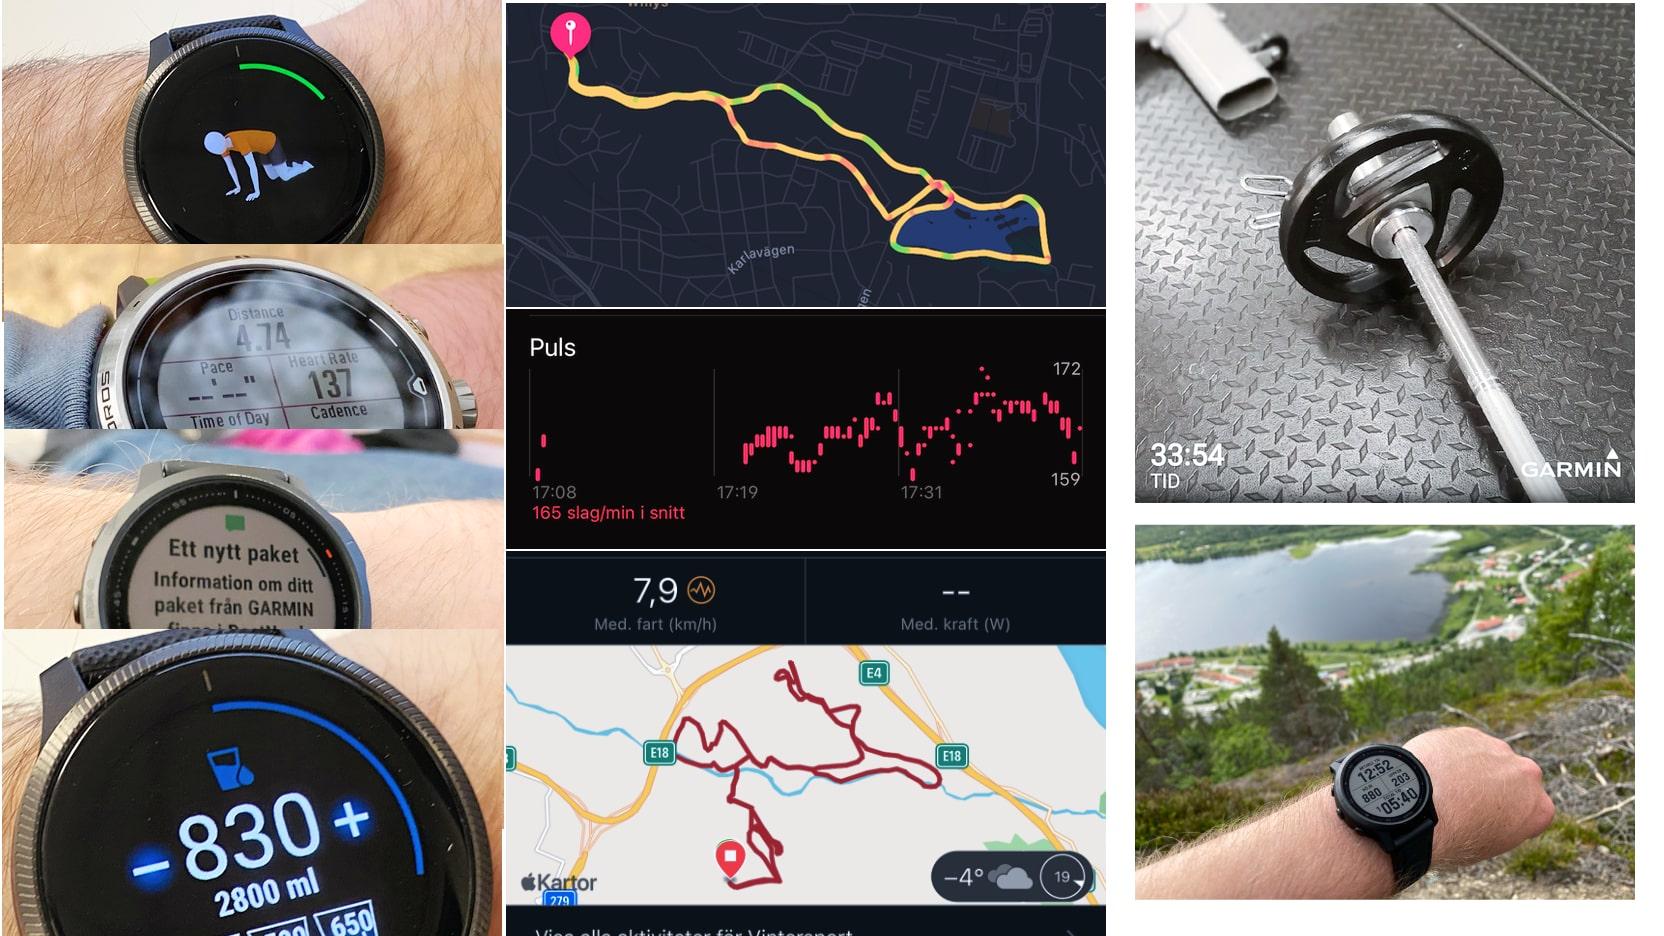 Pulsklocka, GPS-klocka, löparklocka, multisportklocka